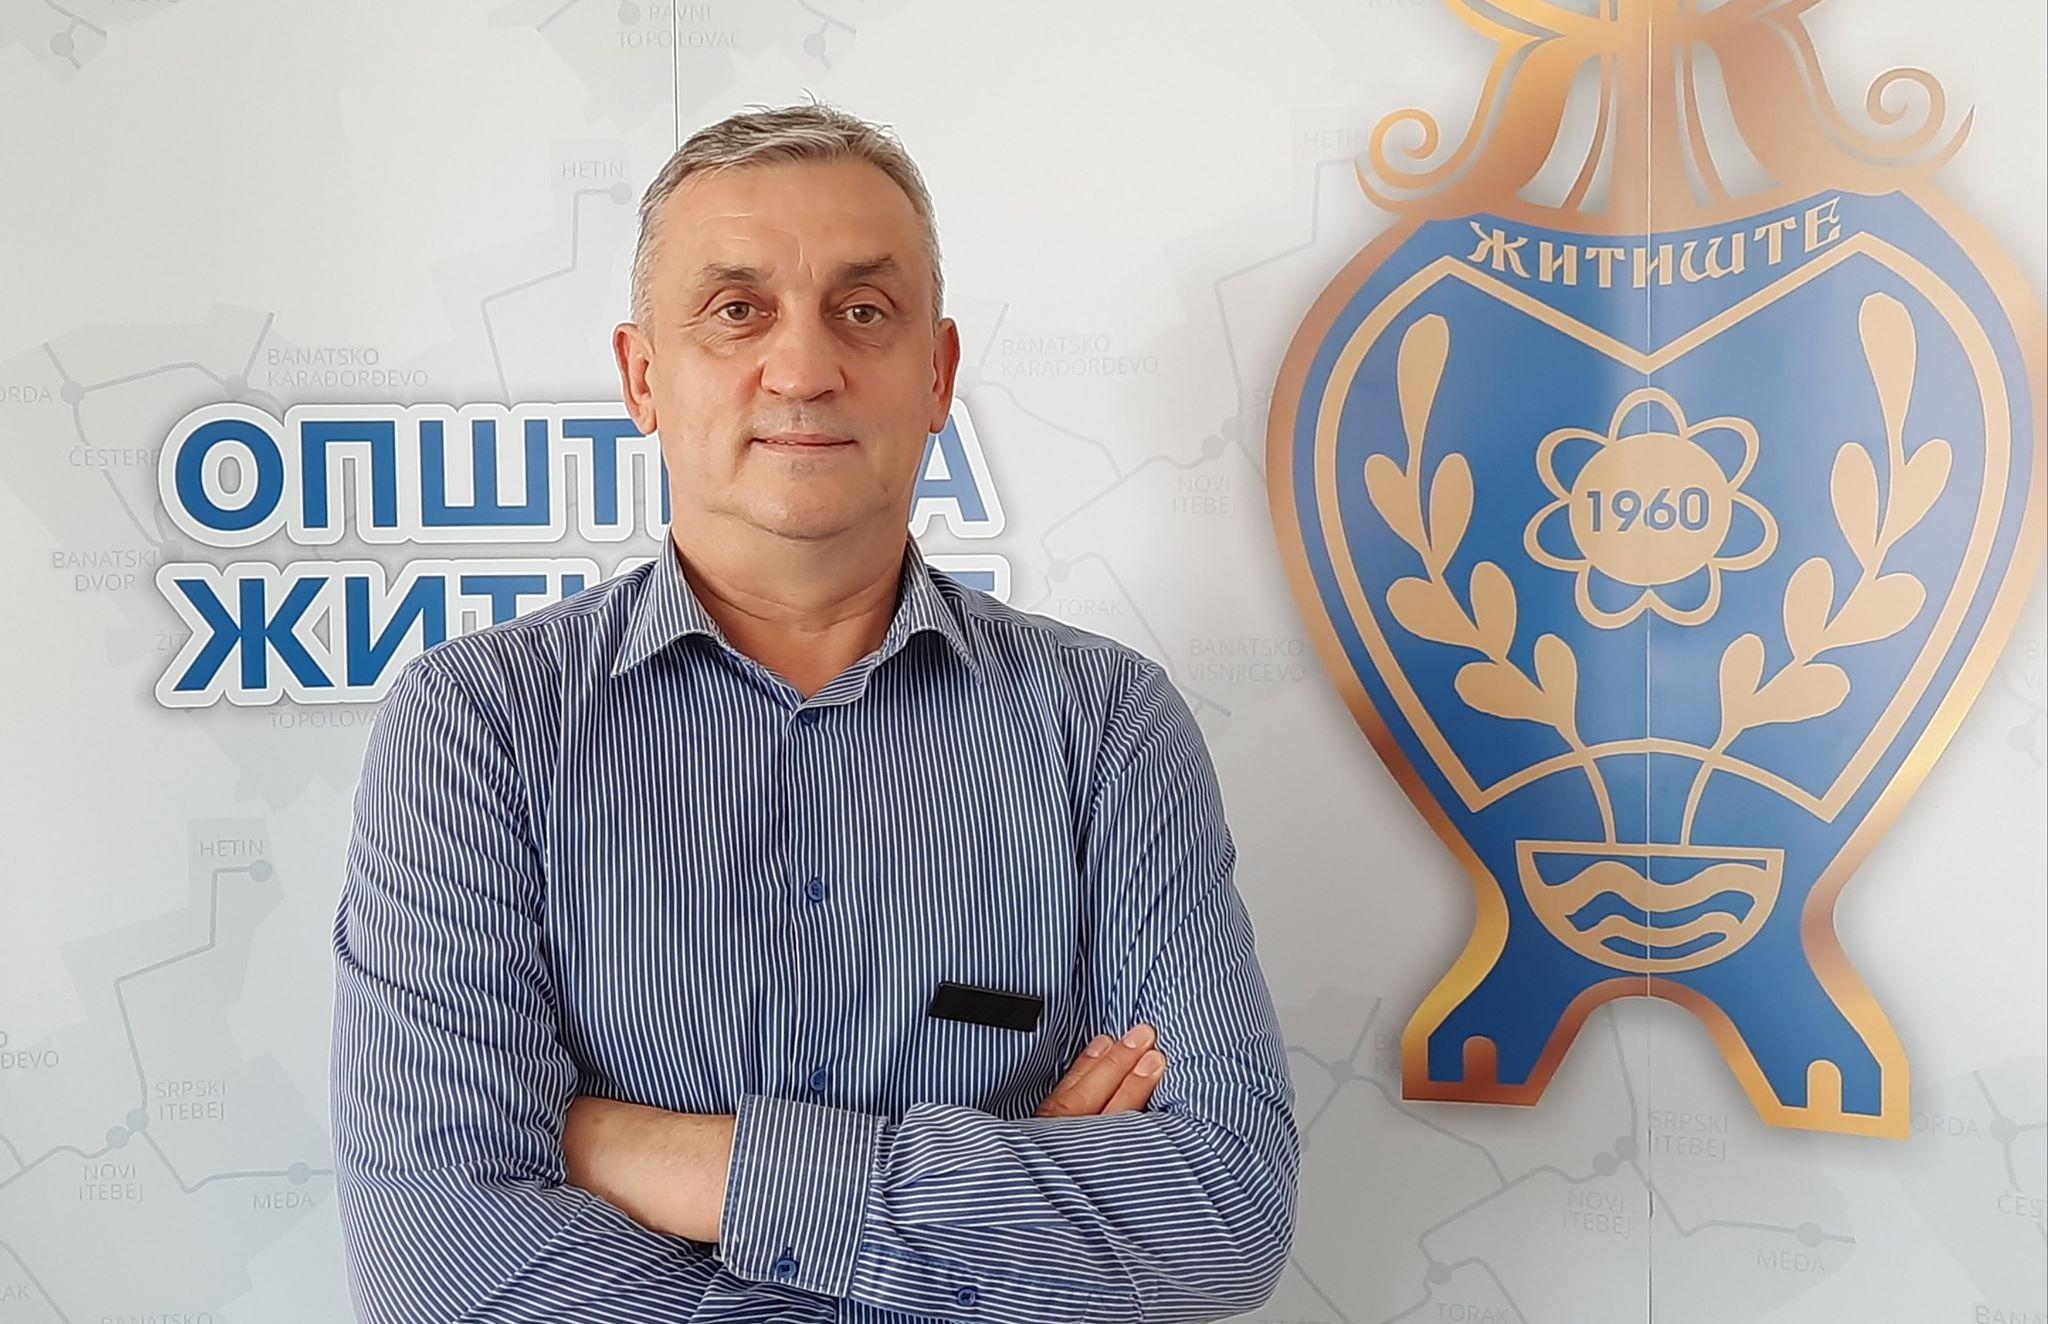 Saopštenje predsednika opštine Žitište Mitra Vučurevića